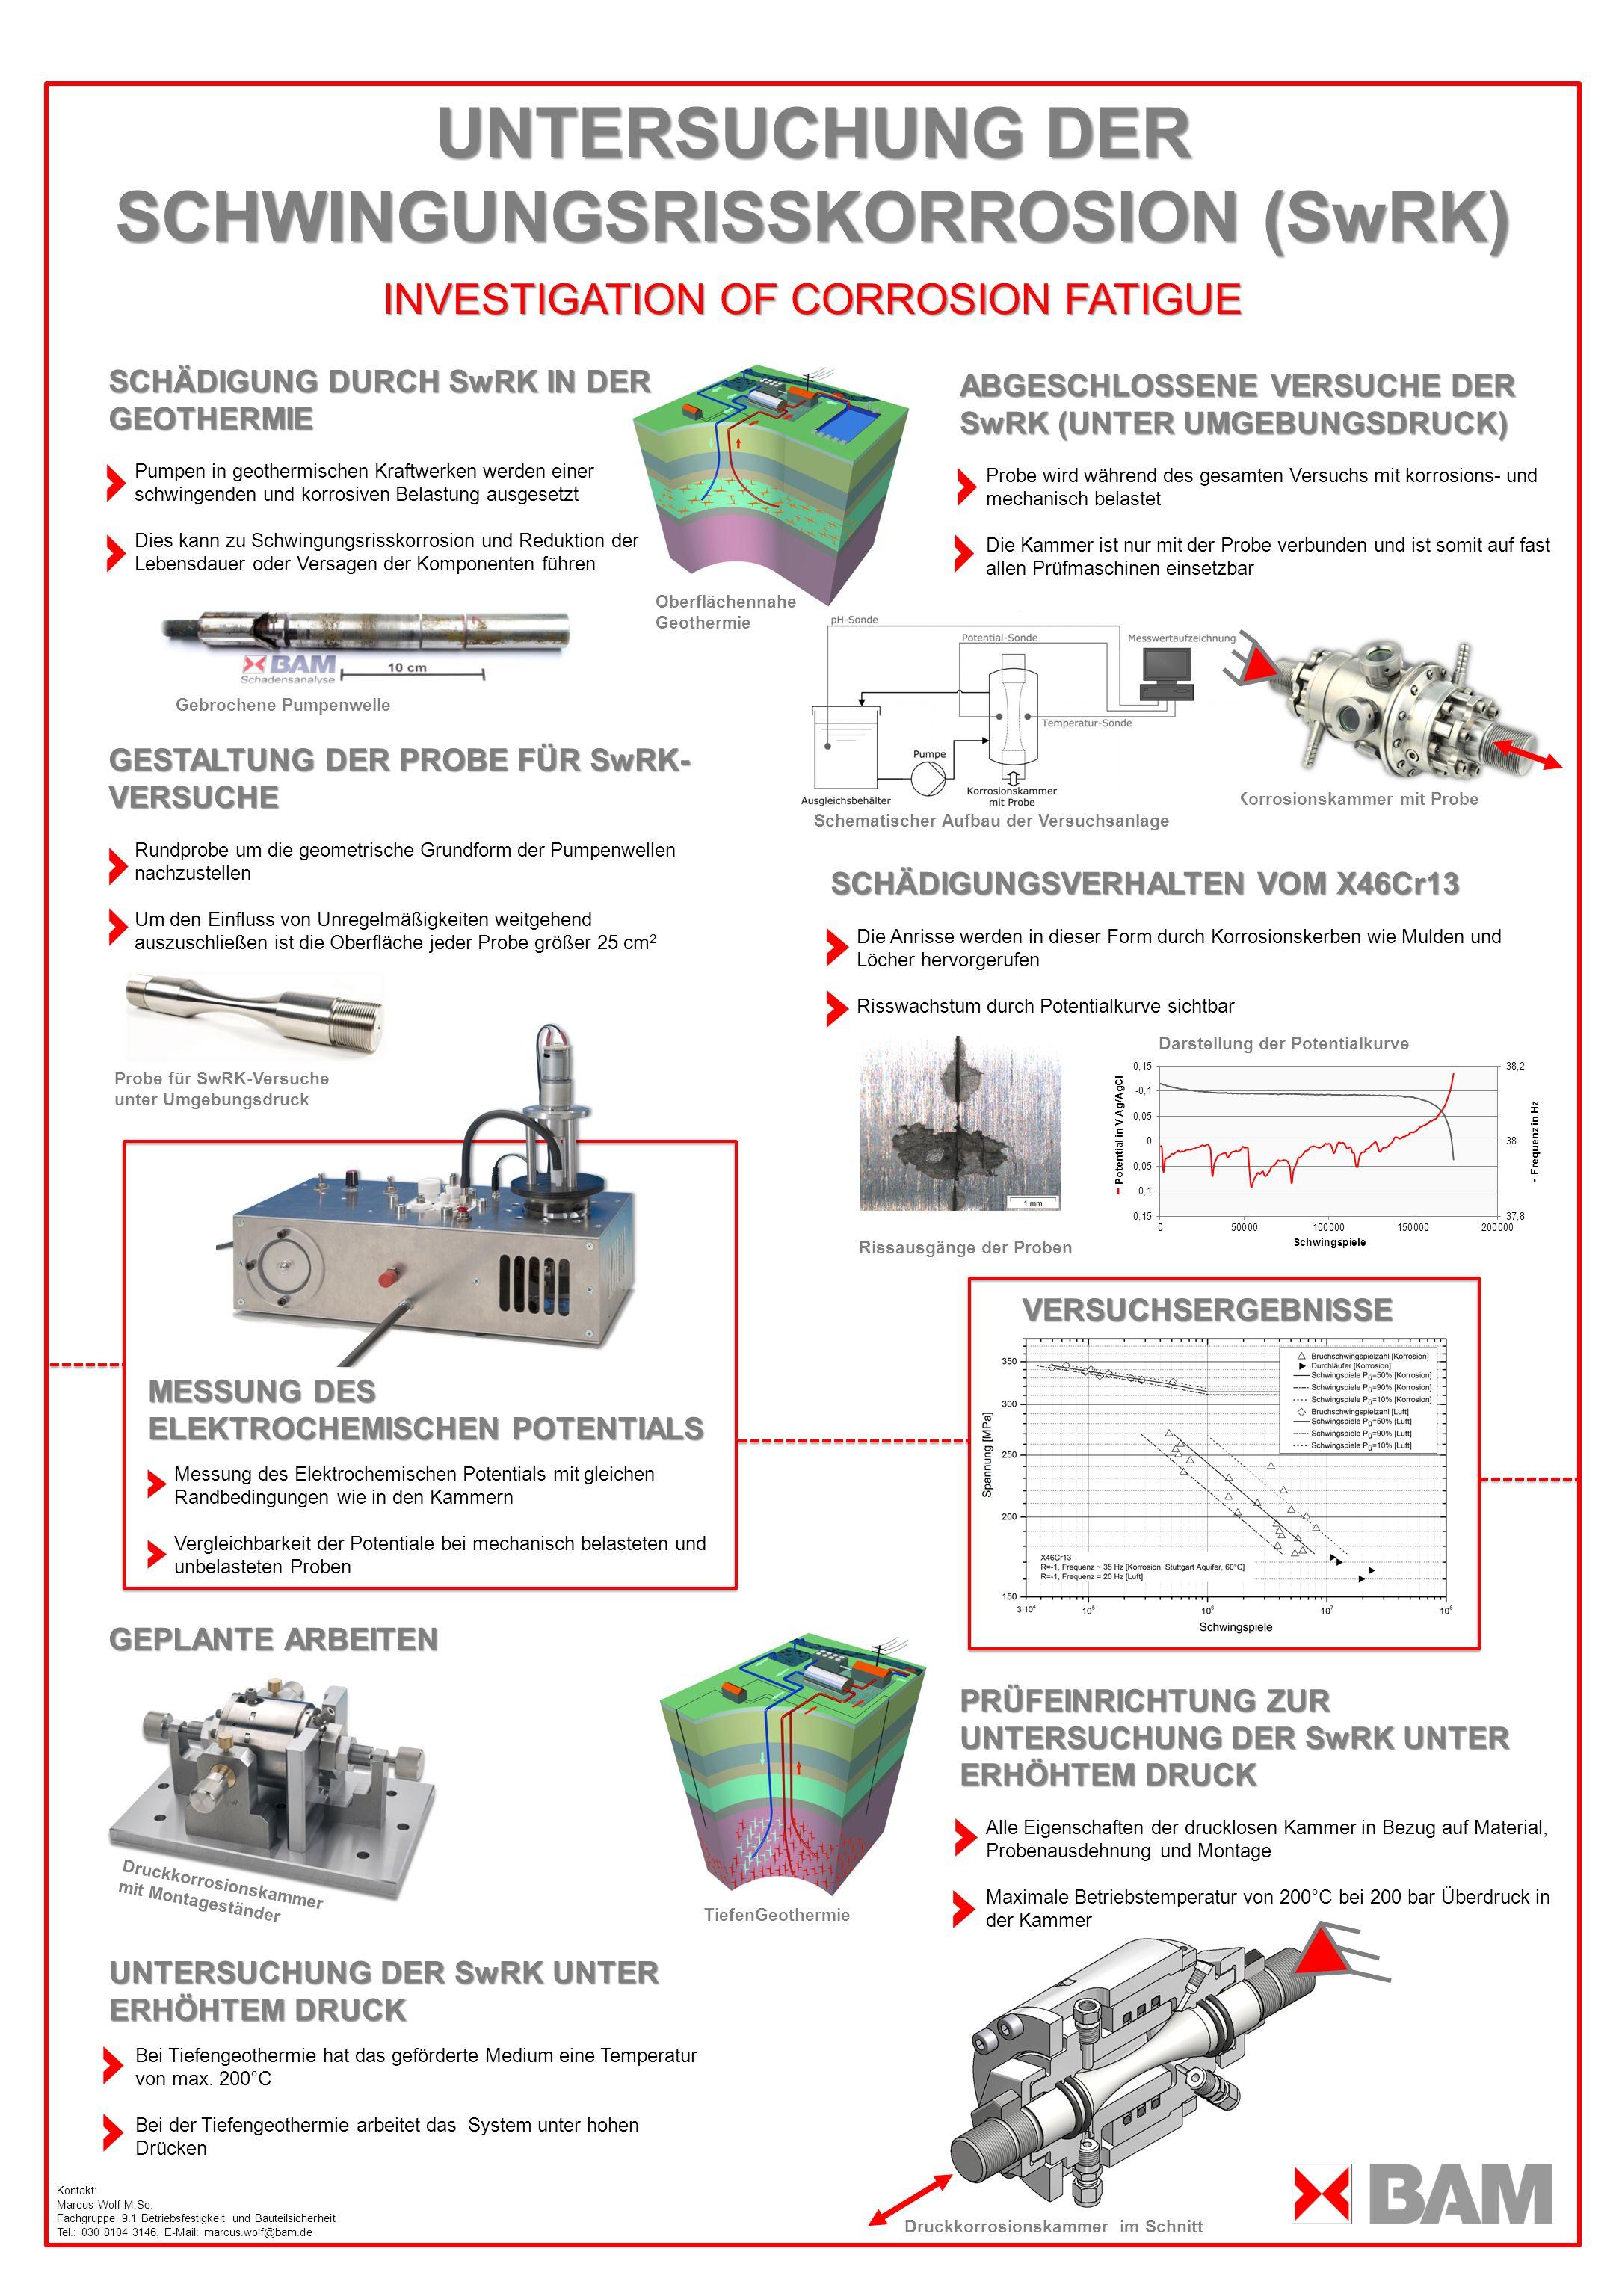 UNTERSUCHUNG DER SCHWINGUNGSRISSKORROSION (SwRK) INVESTIGATION OF CORROSION FATIGUE ABGESCHLOSSENE VERSUCHE DER SwRK (UNTER UMGEBUNGSDRUCK) Probe wird während des gesamten Versuchs mit korrosions- und mechanisch belastet Die Kammer ist nur mit der Probe verbunden und ist somit auf fast allen Prüfmaschinen einsetzbar MODULARE ZUSATZBAUTEILE Sechs Anschlussmöglichkeiten in der Mitte der Kammer garantieren eine hohe Anpassungsfähigkeit Die Einsätze können entweder speziell für Sensoren angepasst werden oder es kann eine Halterung aus dem Portfolio gewählt werden Es stehen z.B.